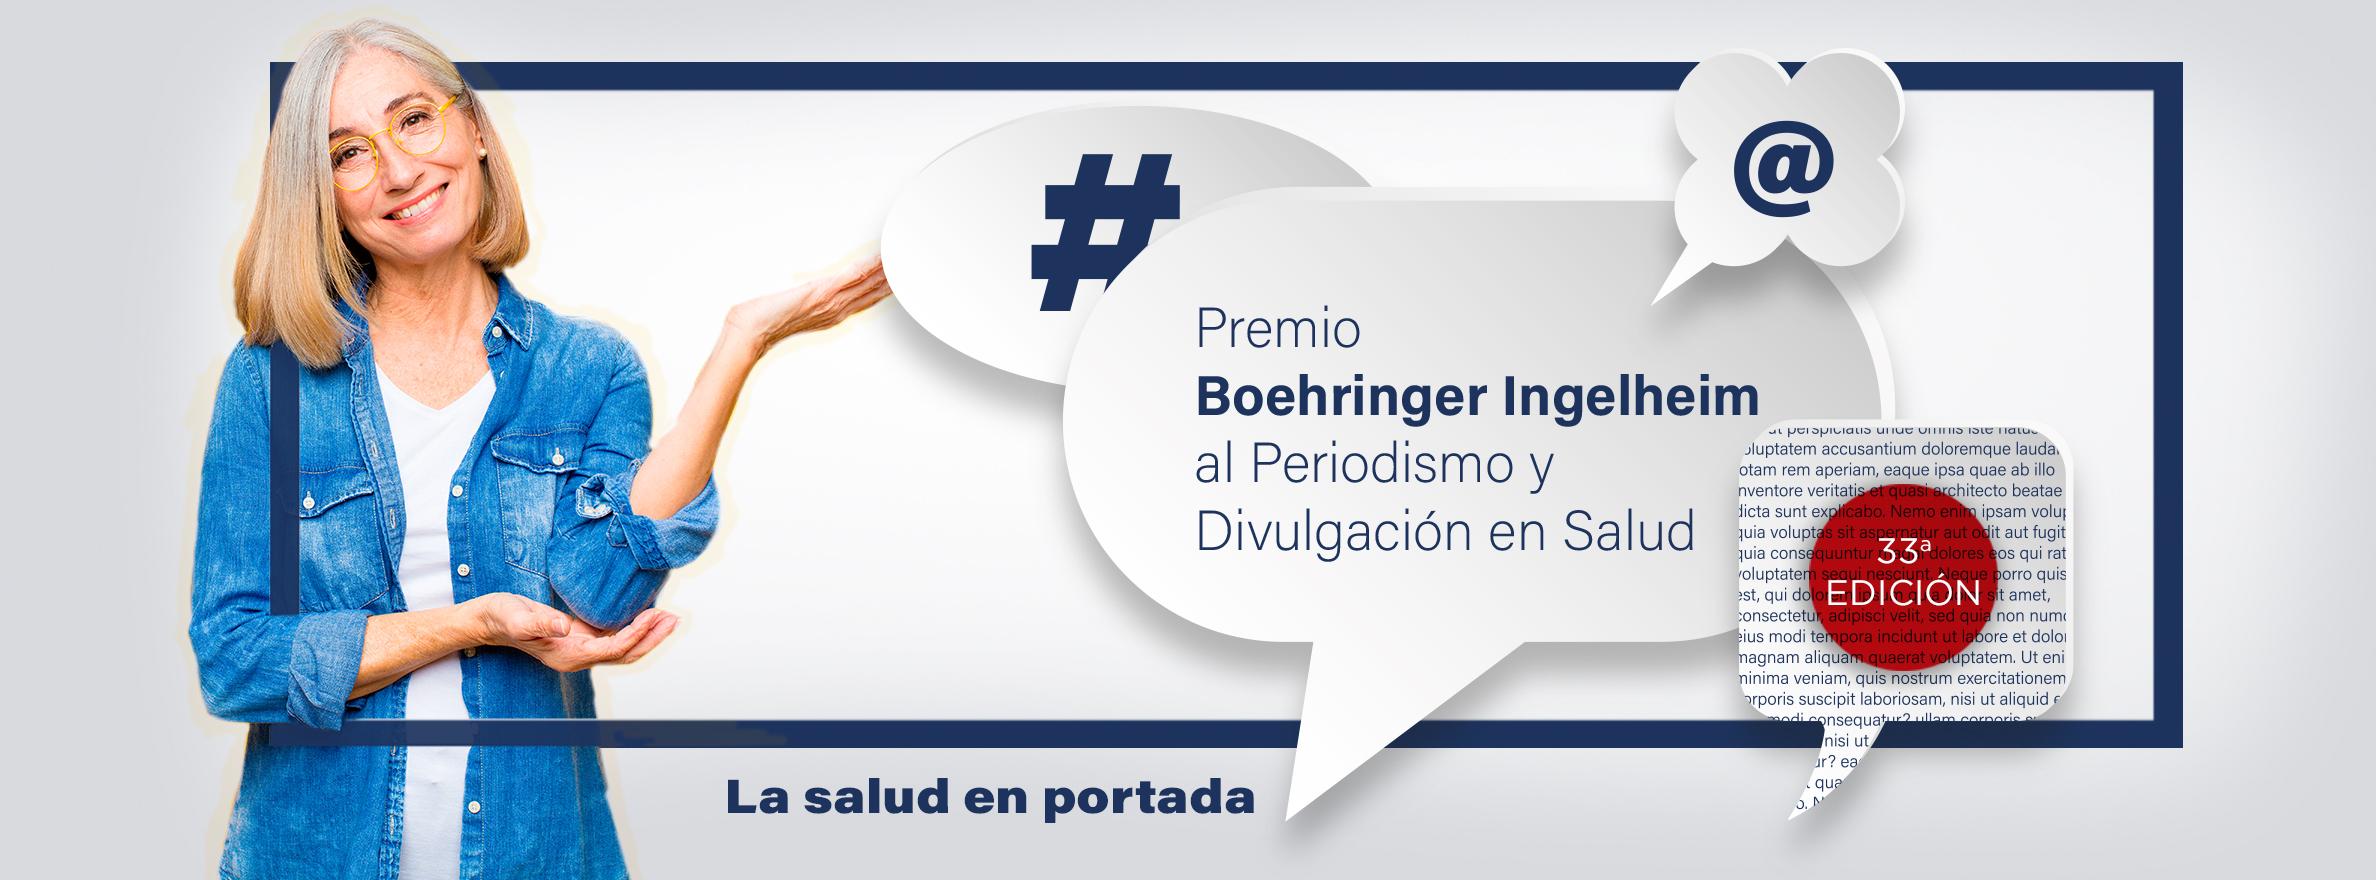 33ª edición del Premio Boehringer Ingelheim al Periodismo y Divulgación en Salud